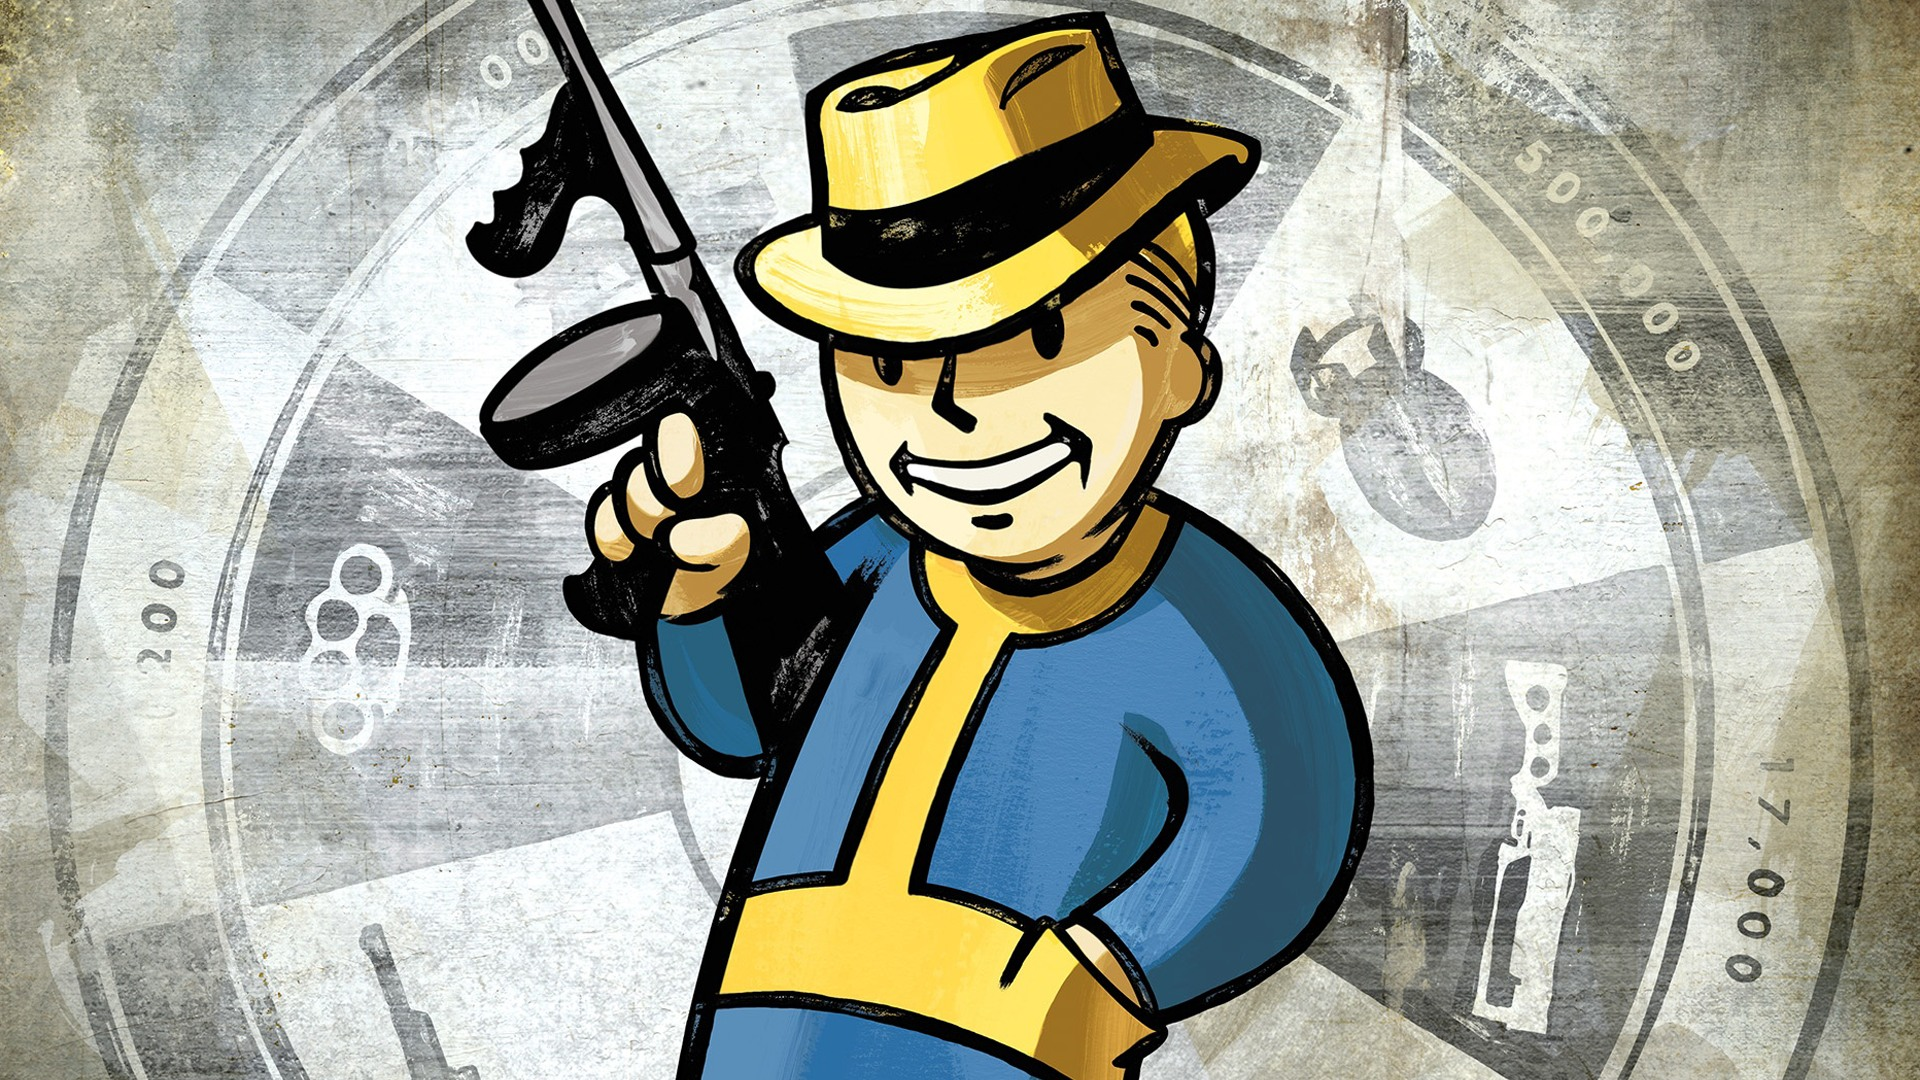 Fallout 4 - Pip-boy